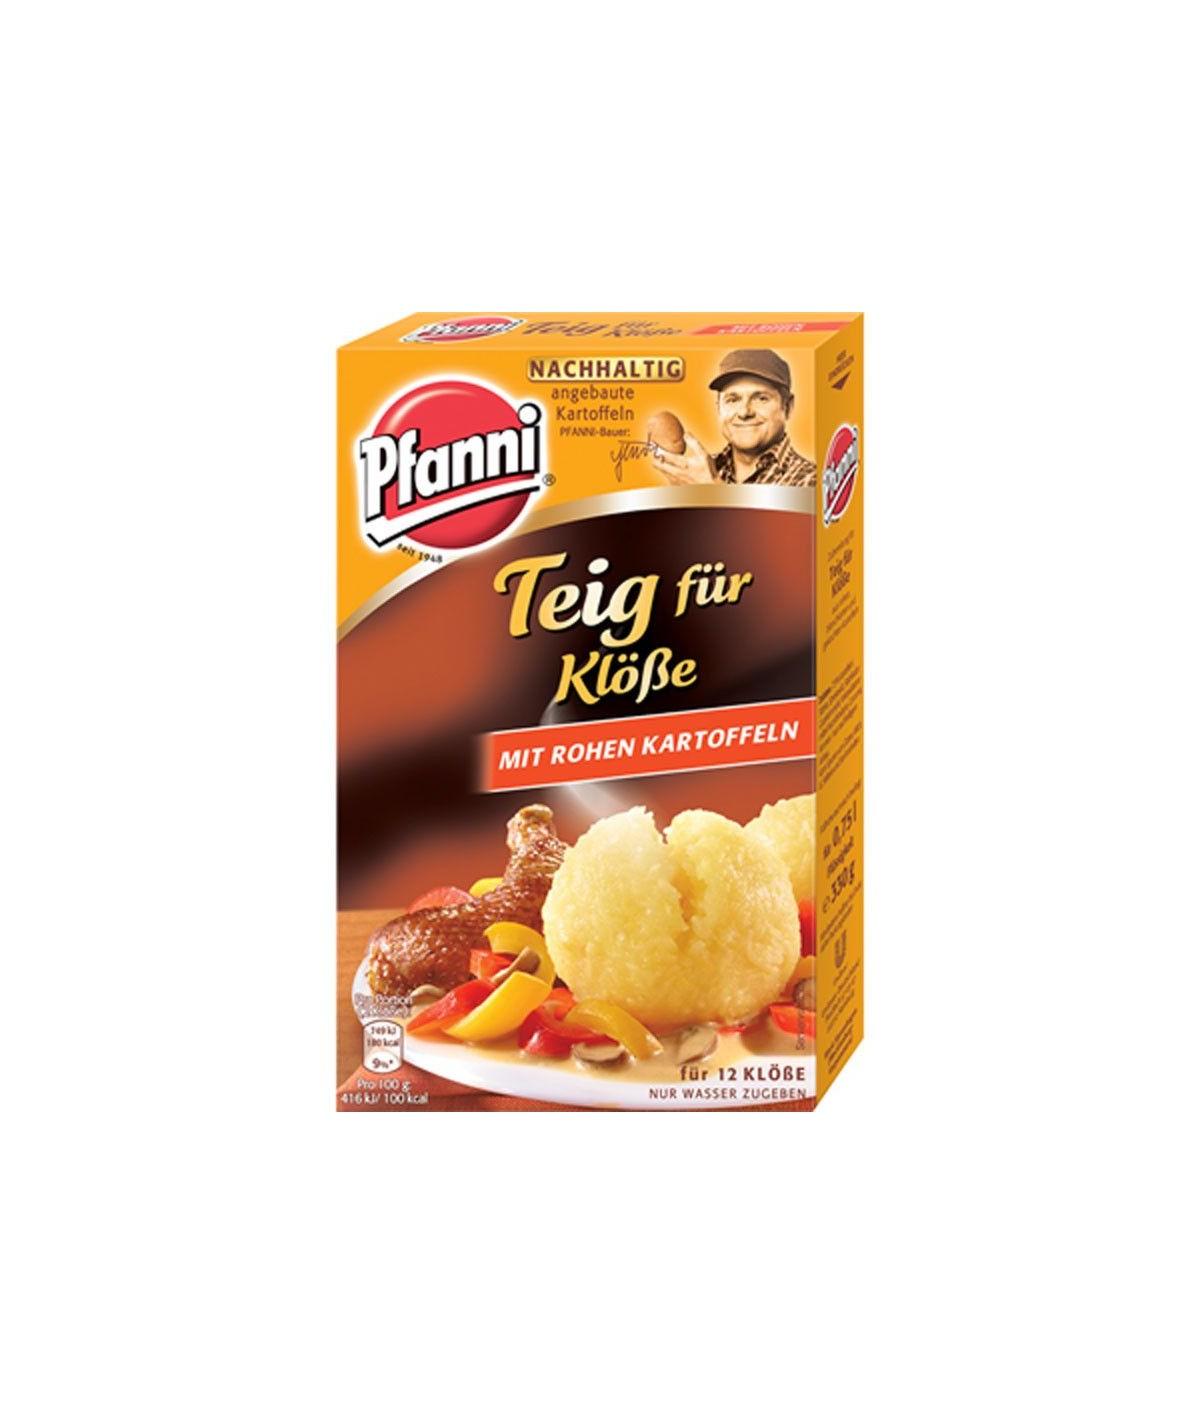 Pfanni Teig für Klöße mit rohen Kartoffeln 330g